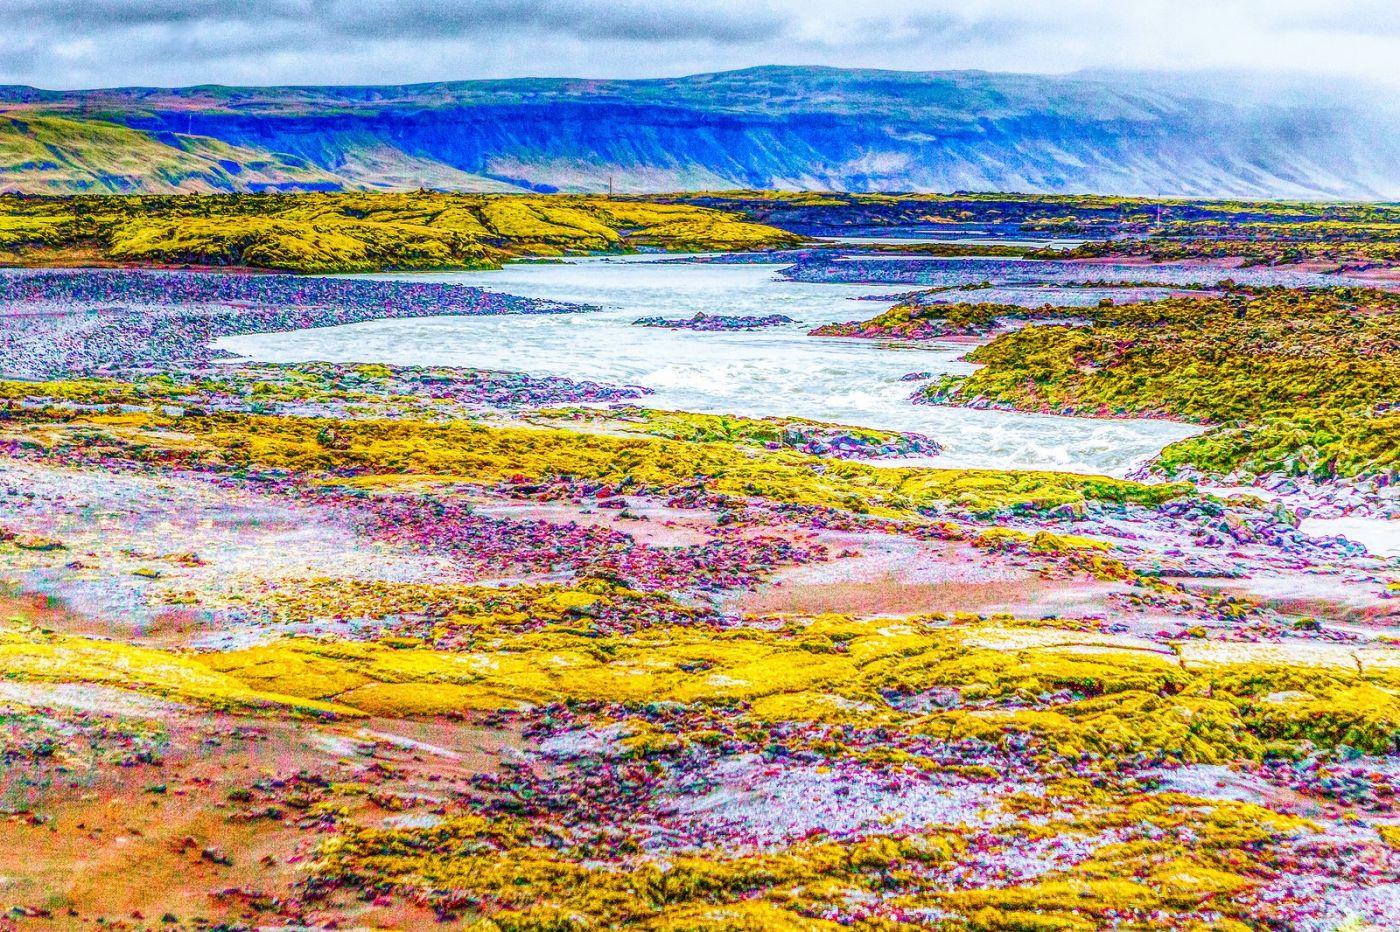 冰岛风采,延伸视野_图1-20